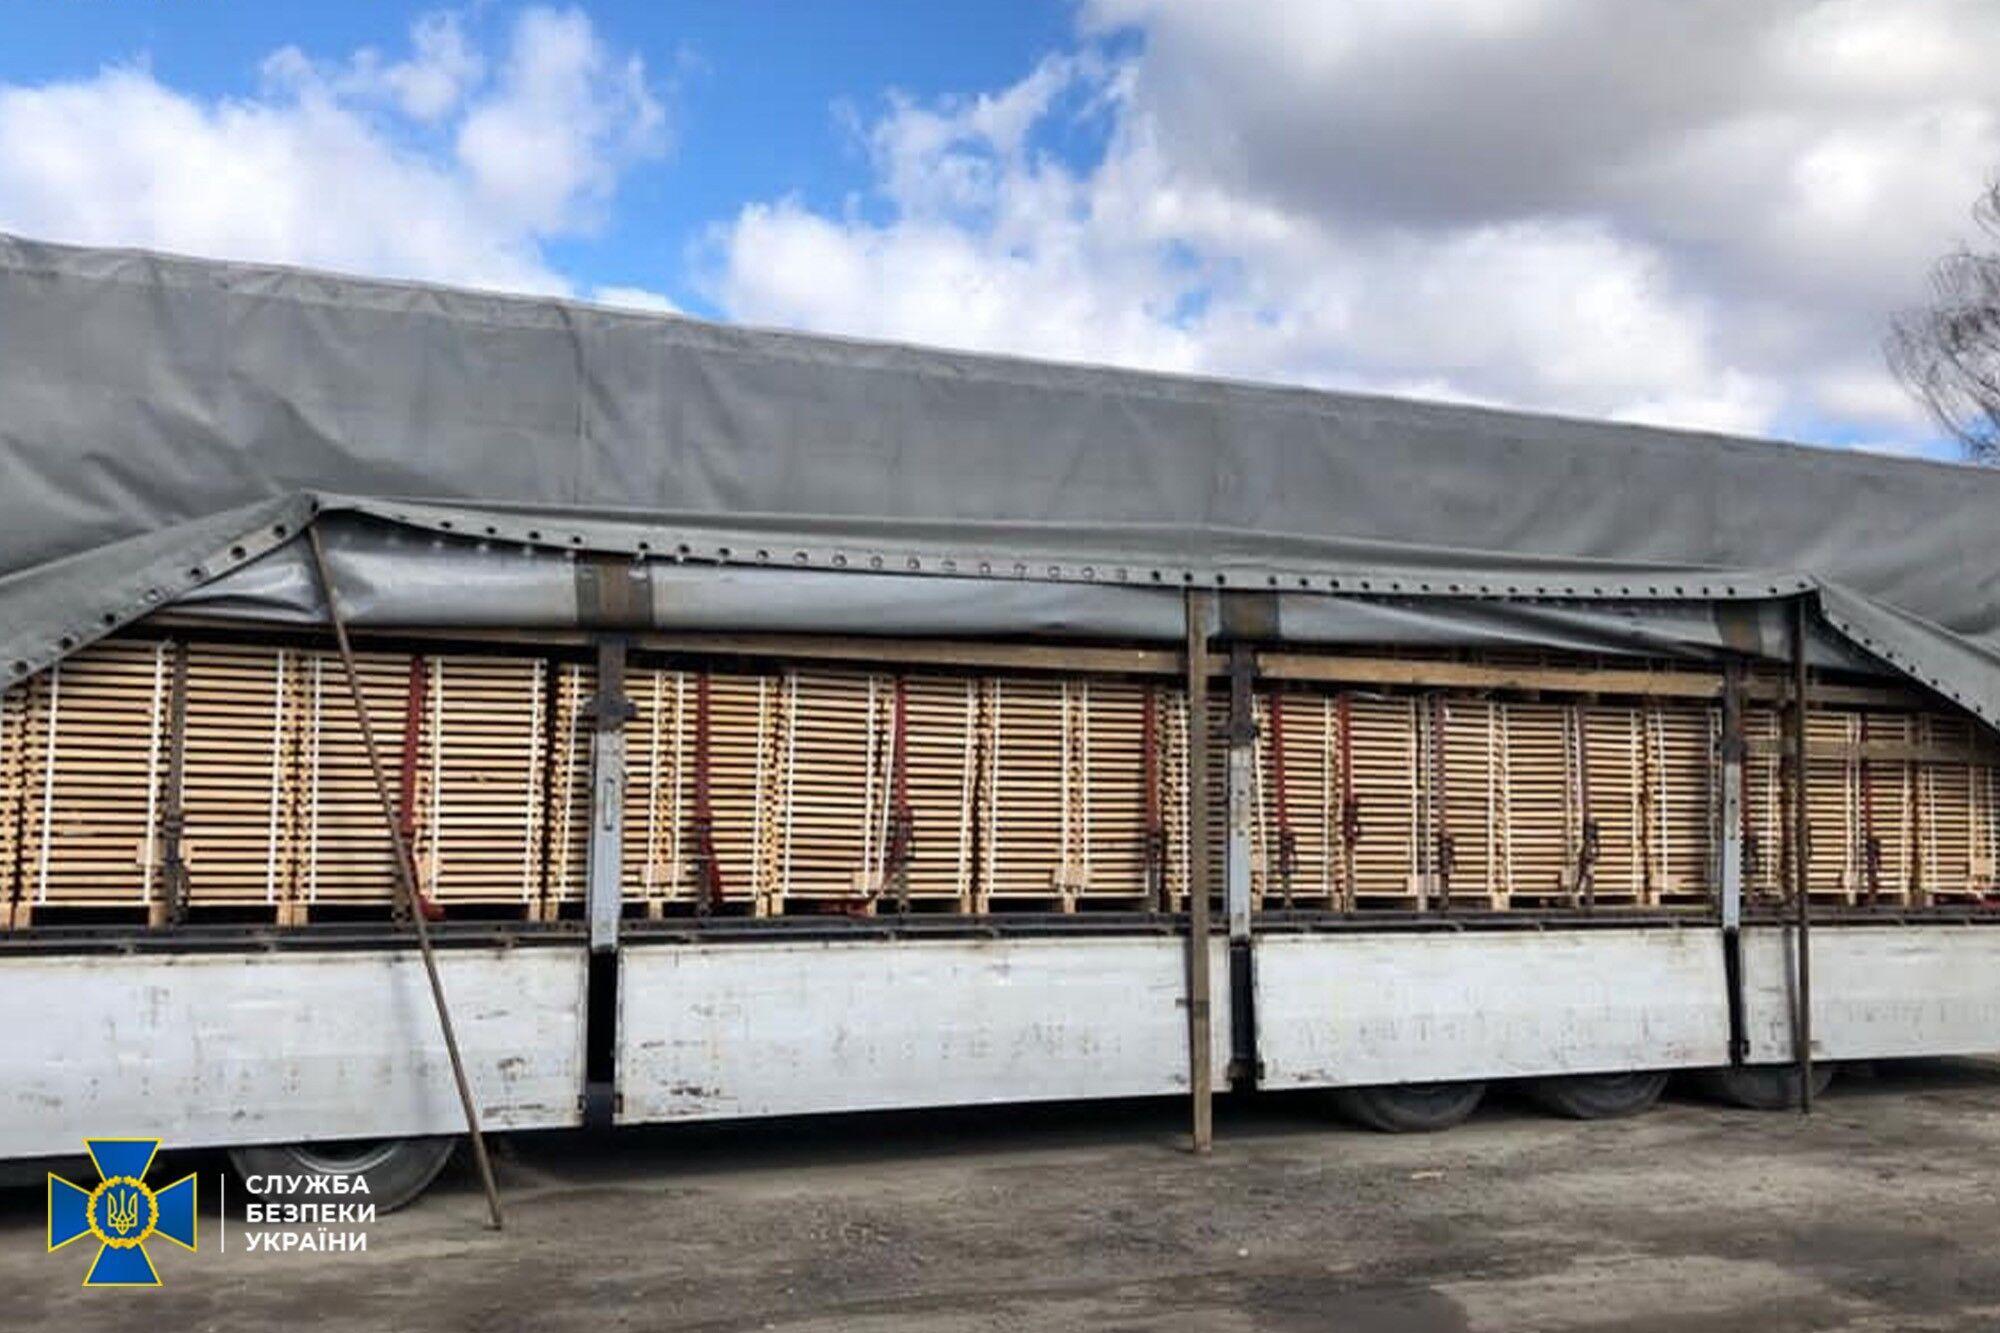 СБУ розкрила масштабні схеми незаконної вирубки і продажу деревини